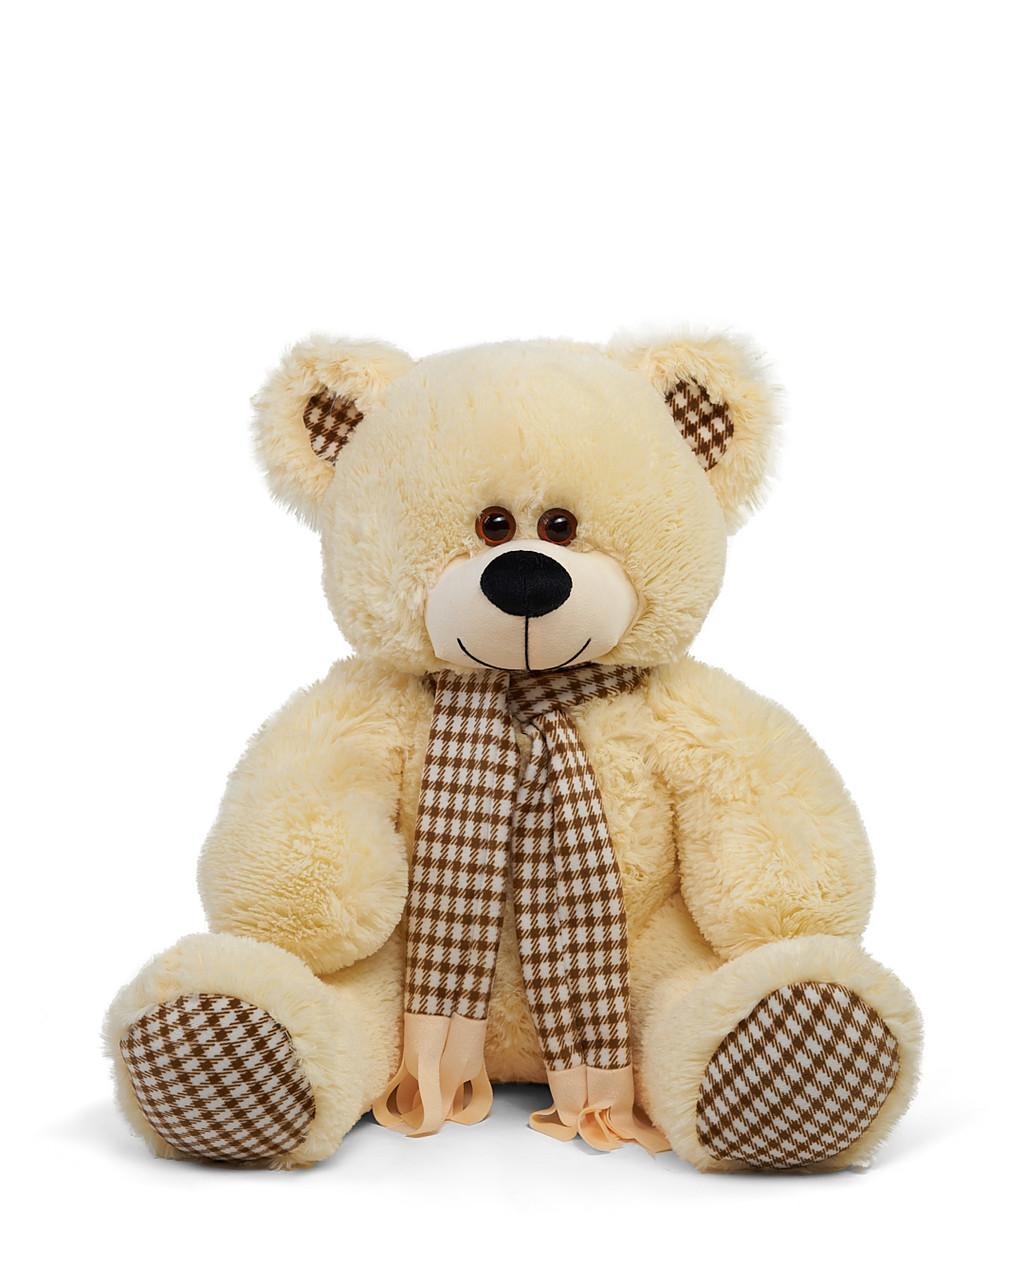 Плюшевый мишка Сеня с шарфом 90 см цвет персиковый   Плюшевый медведь   Мягкая игрушка мишка от производителя